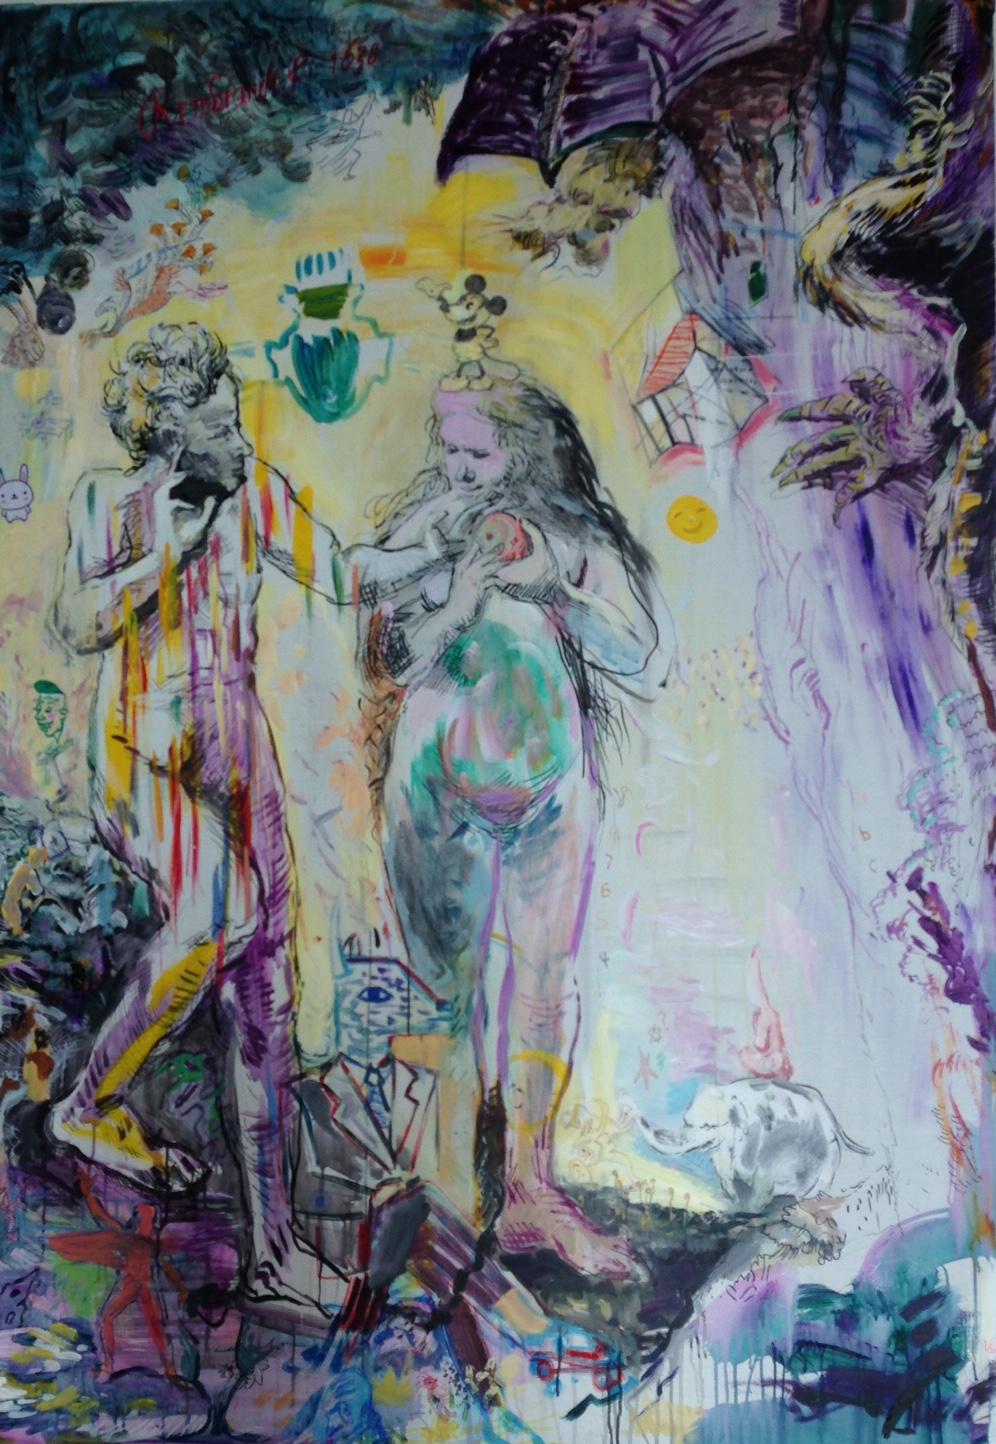 Garden of Eden , 2015 Mixed media on canvas 180 x 150 cm